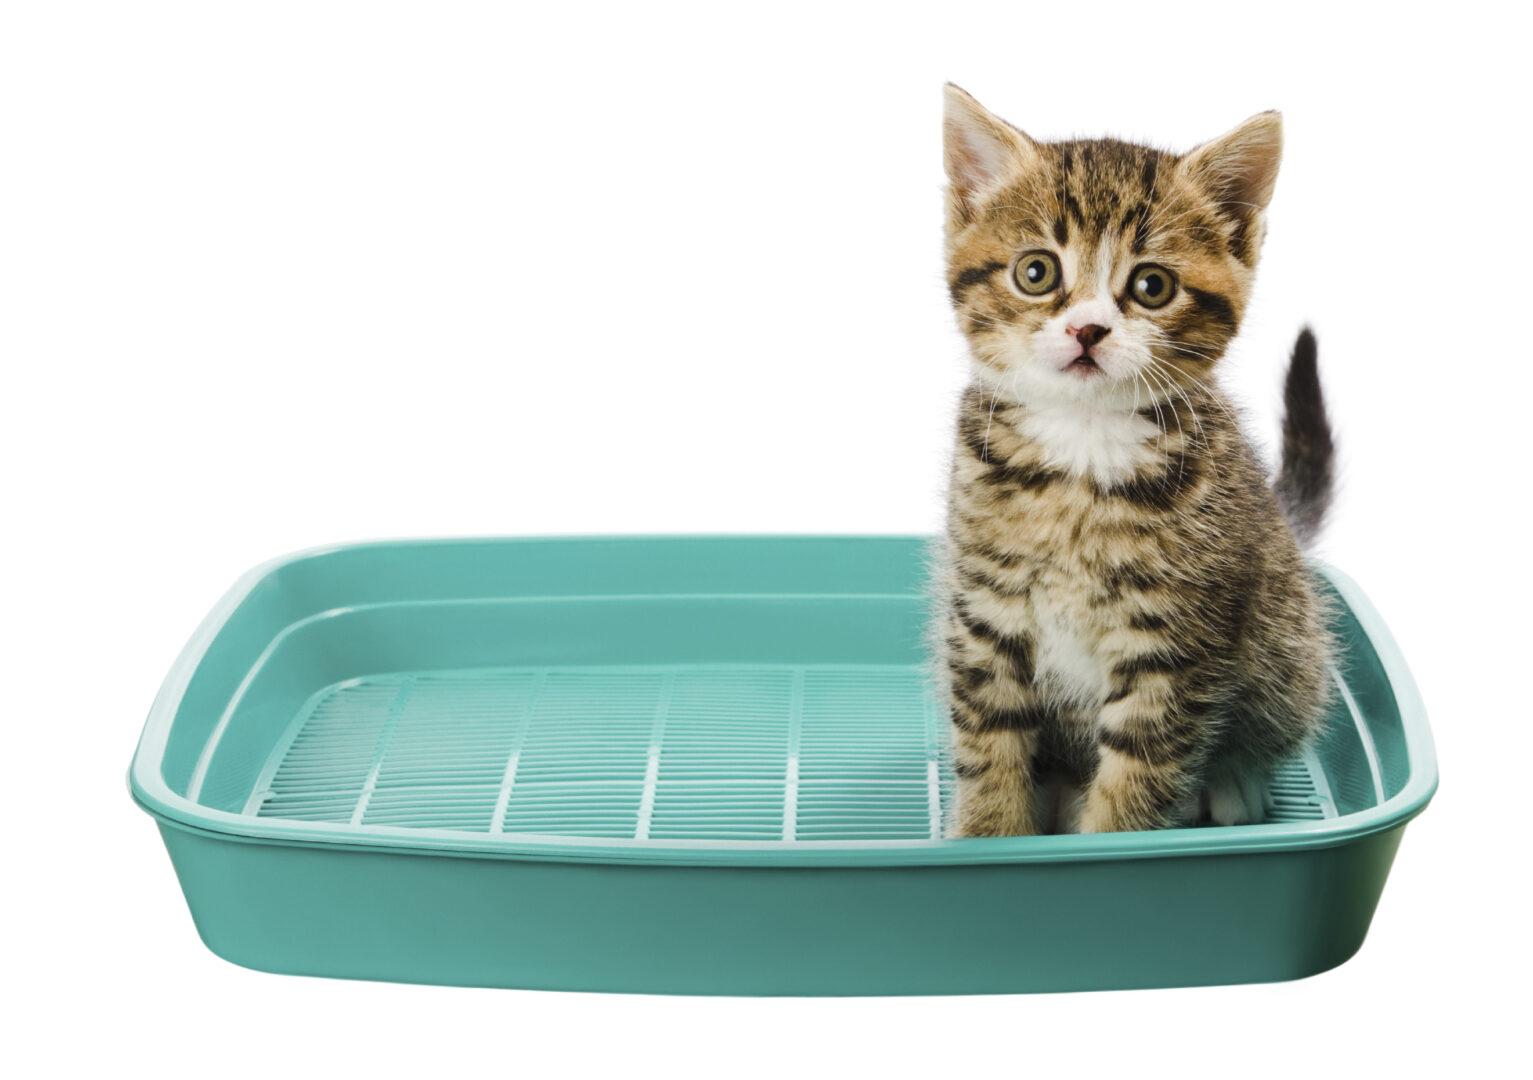 La propreté du chat passe souvent par l'utilisation d'une litière